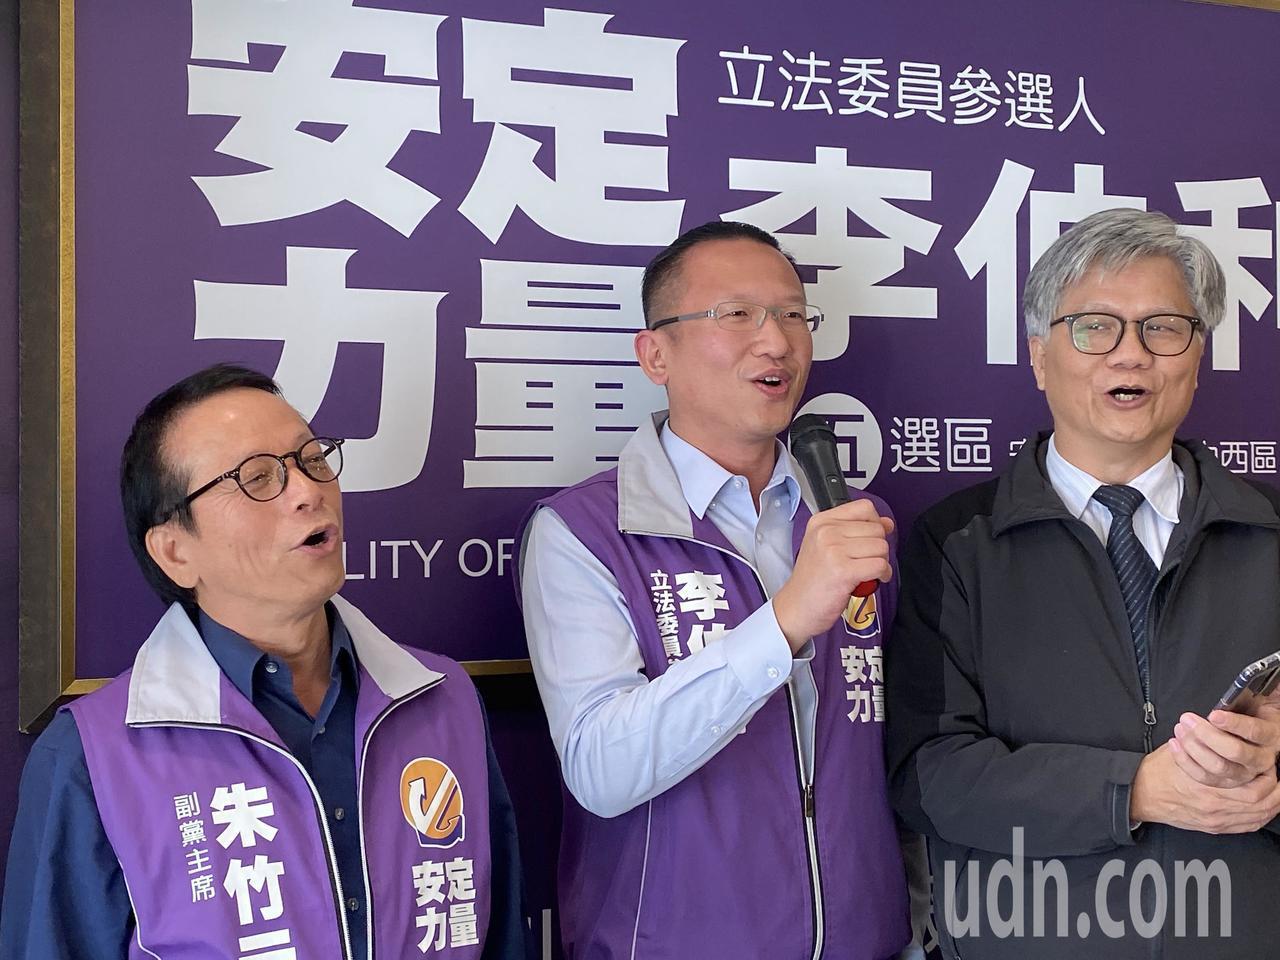 安定力量推舉參選台南市第5選區立委的李伯利(中)昨天與「蜂蜜檸檬」李萼洋(右)一...